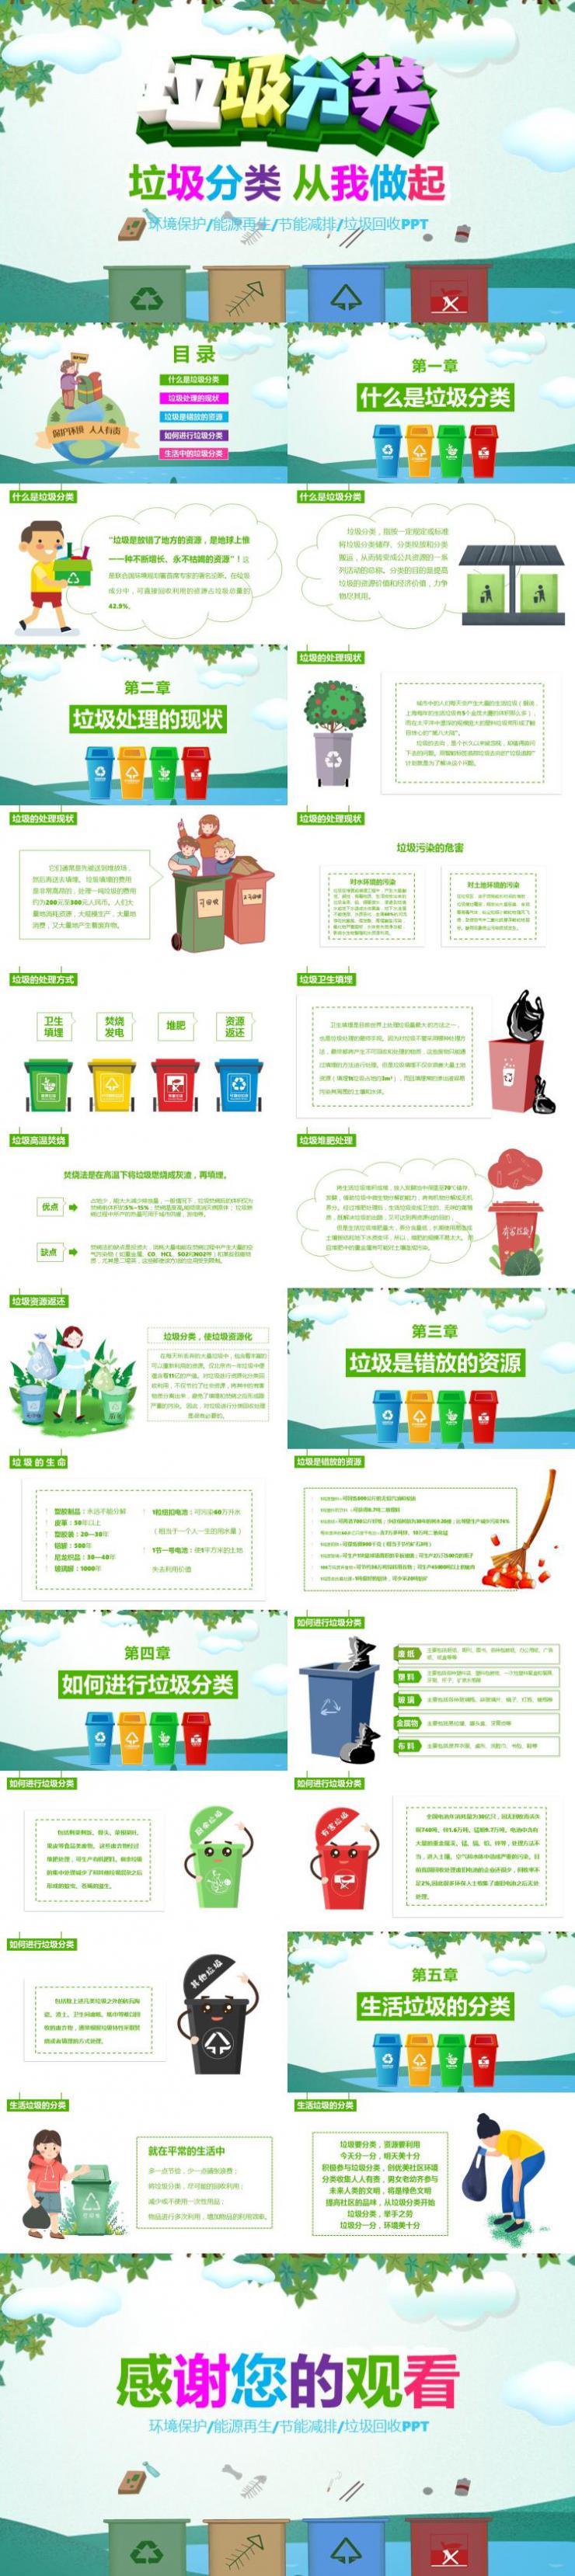 绿色爱护环境垃圾分类主题班会PPT模板